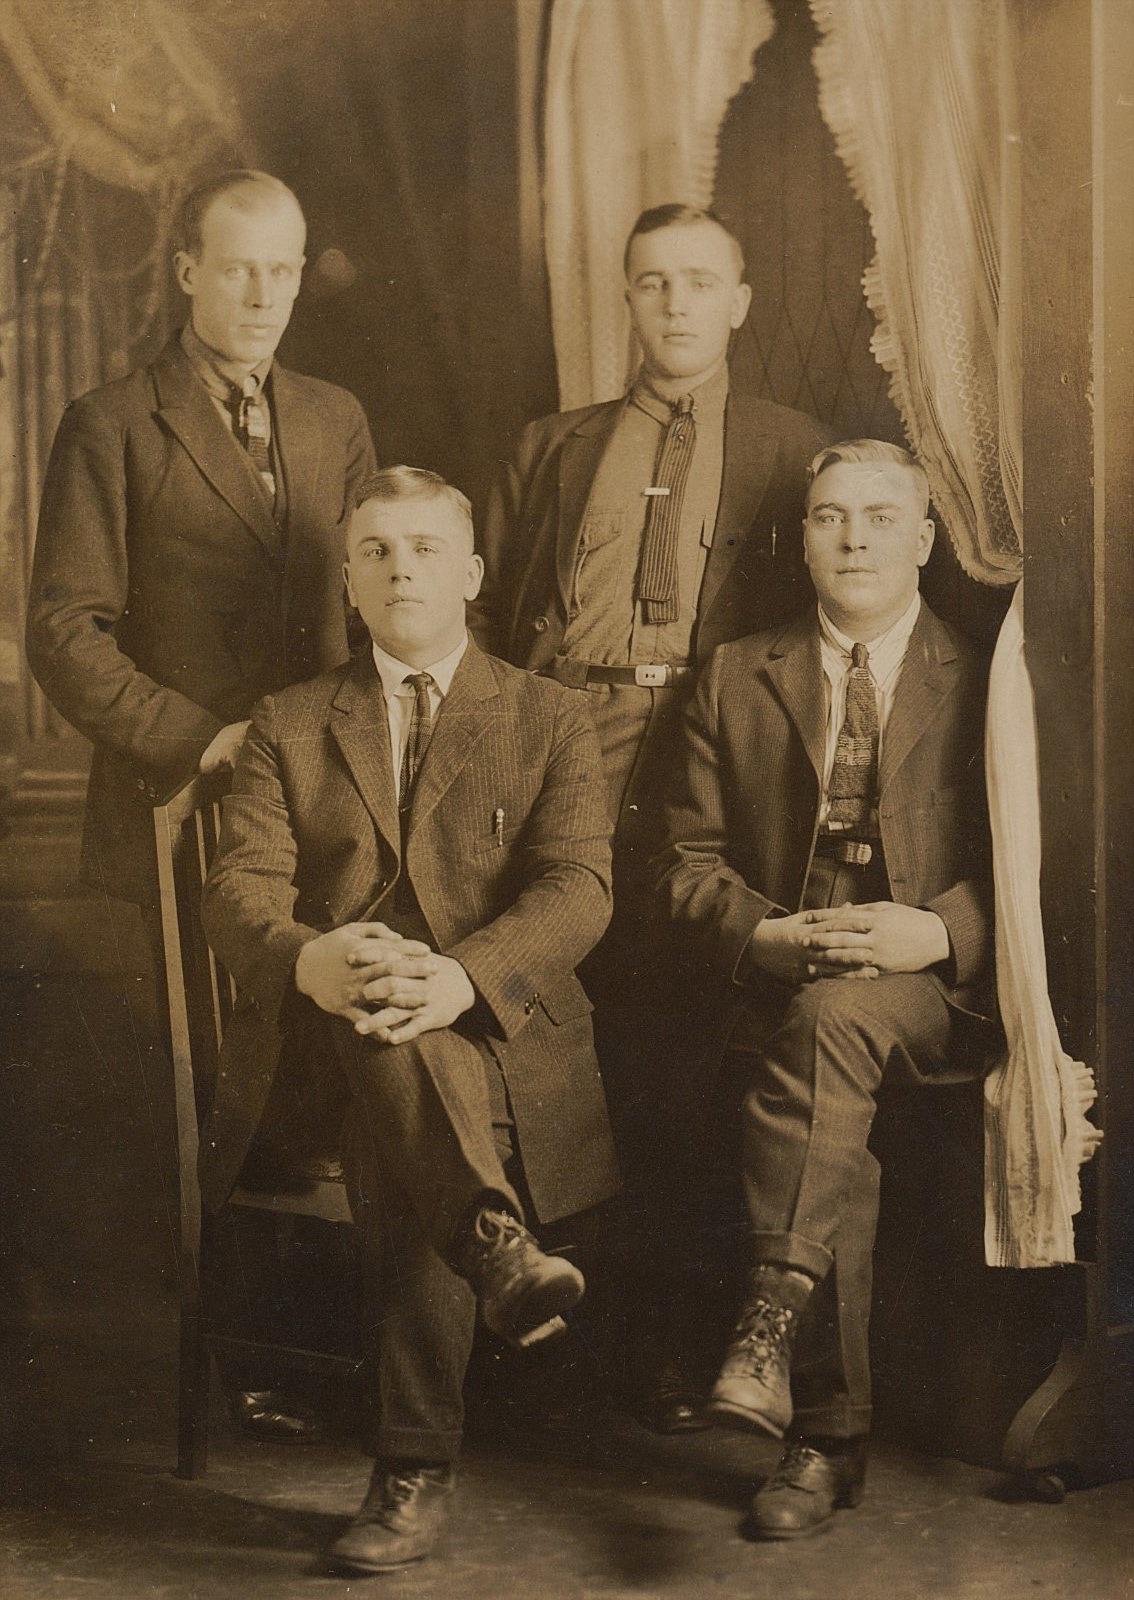 Nere till vänster sitter Evert Storkull och upp till höger står hans bror Emil Storkull. De två andra är fortfarande okända.